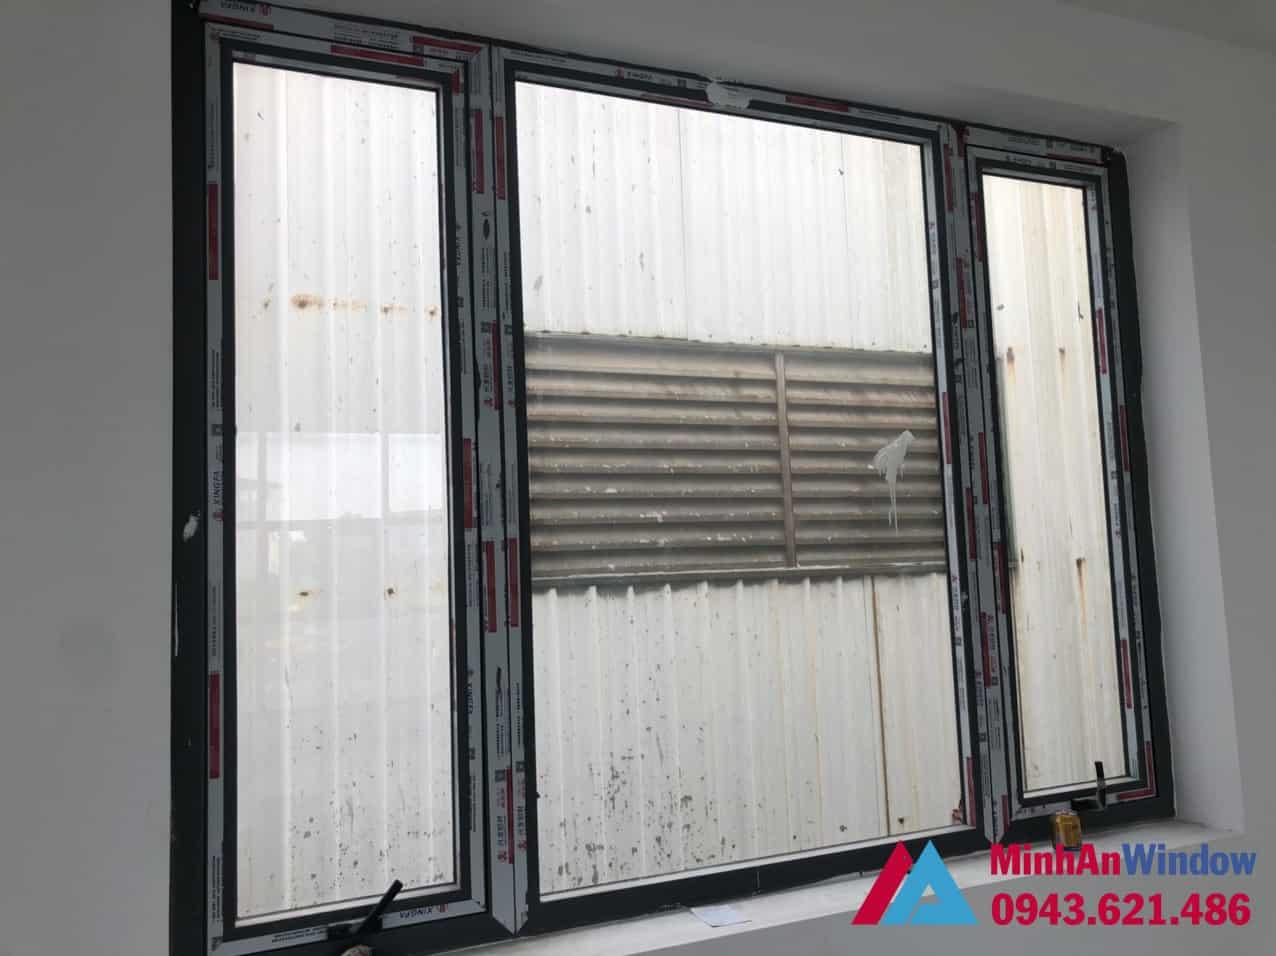 Mẫu cửa sổ nhôm kính Minh An Window lắp đặt tại KCN Bắc Thường Tín